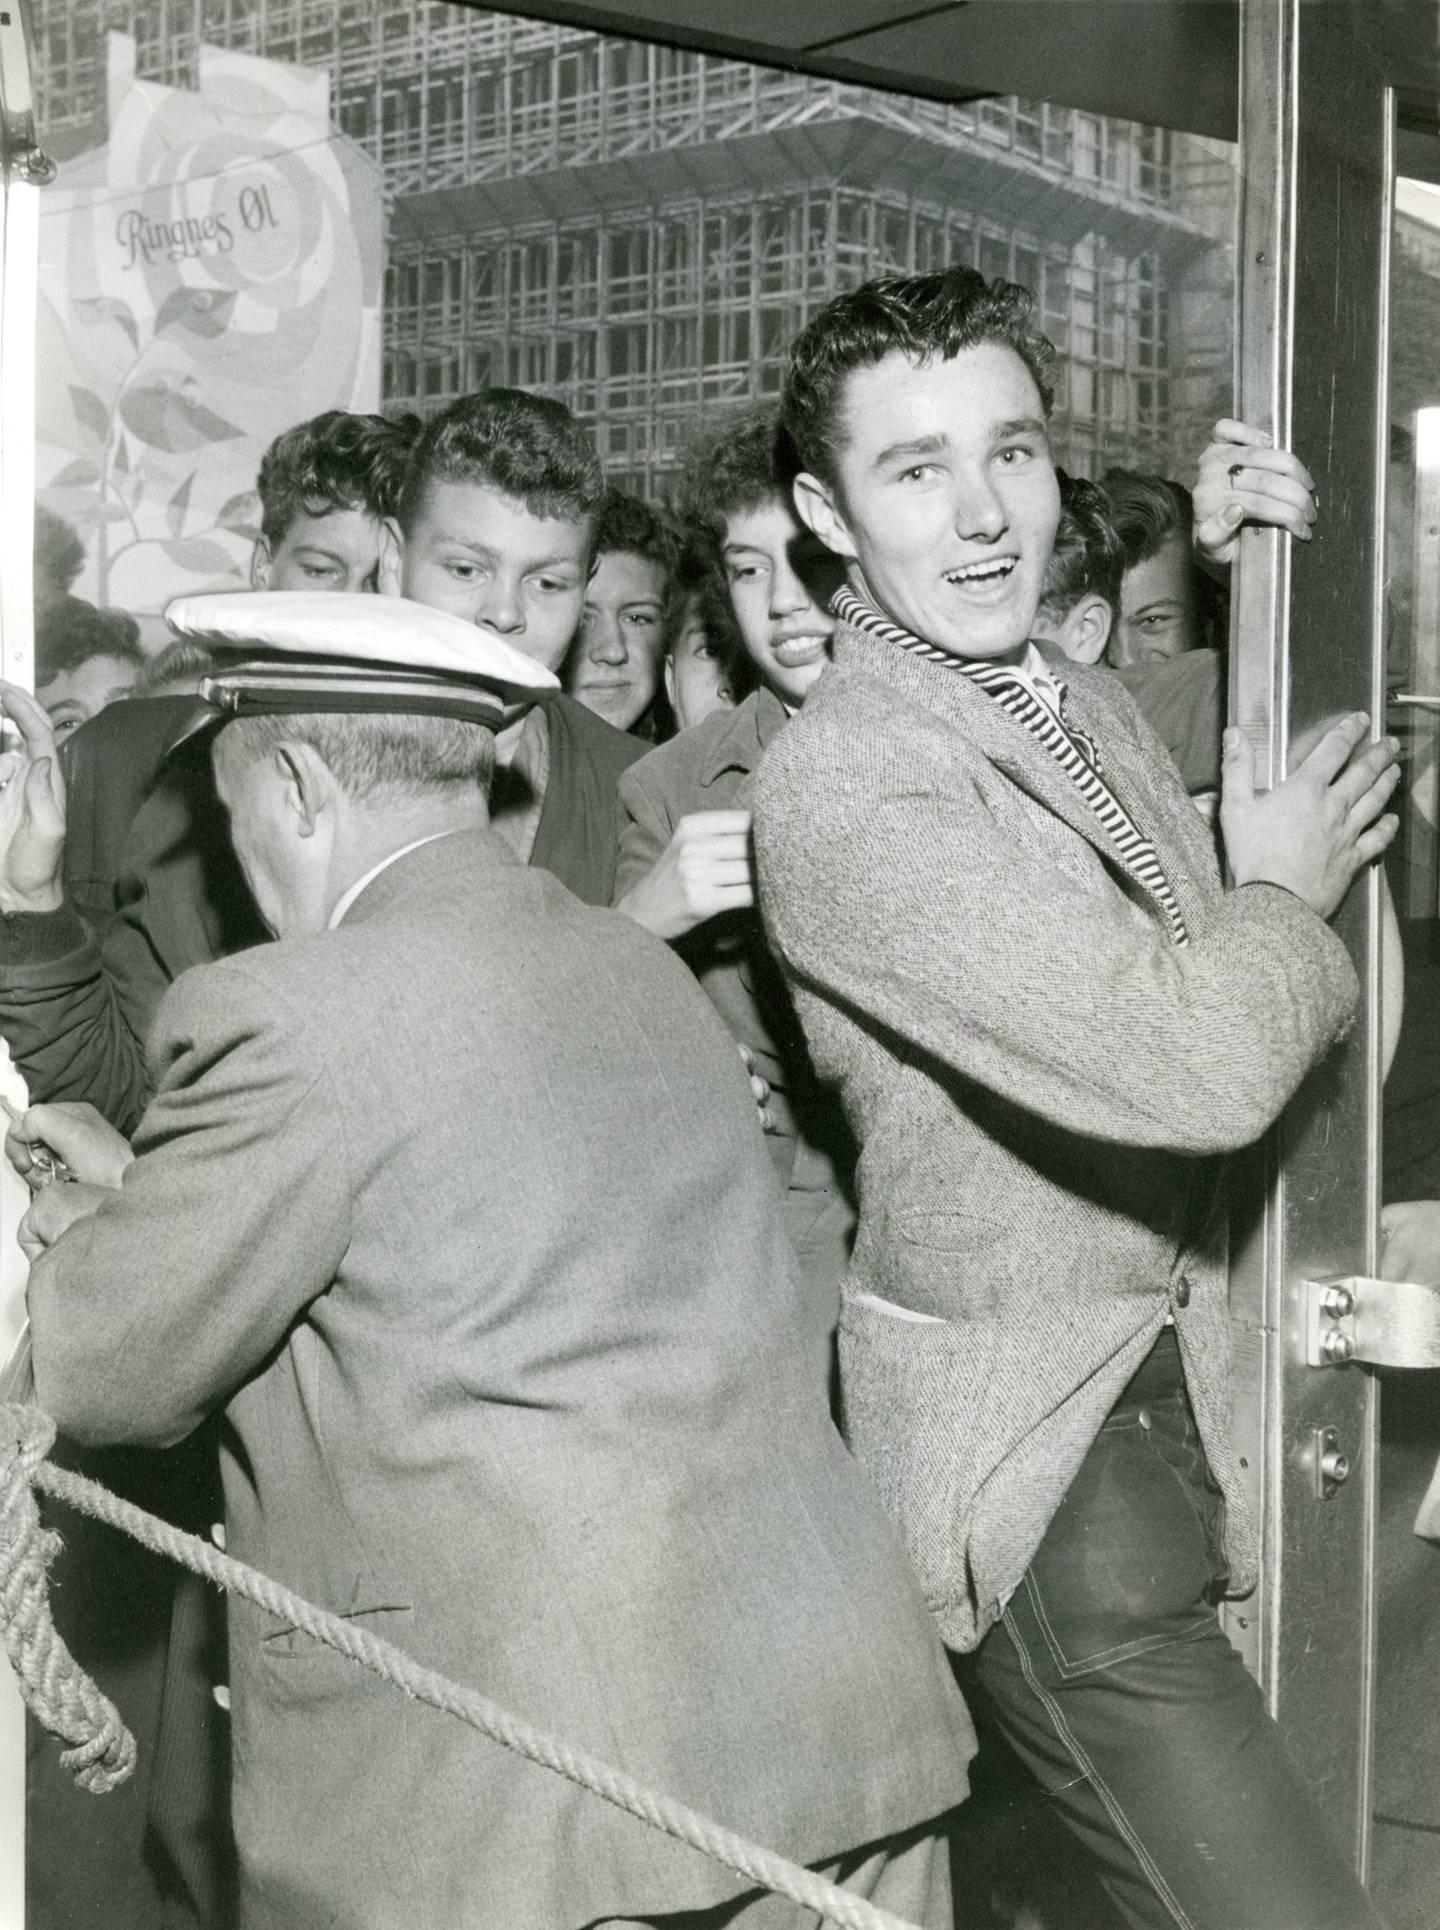 Rockeopptøyene 20. september 1956 startet utenfor Sentrum kino etter premieren på «Rock around the clock», i norsk presse omtalt som en jazzfilm.